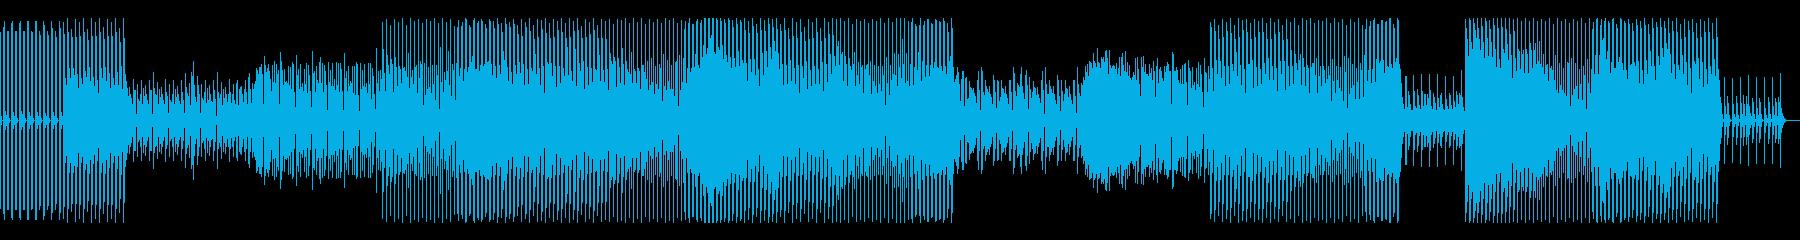 怪しい雰囲気の夜に合うハウスミュージックの再生済みの波形